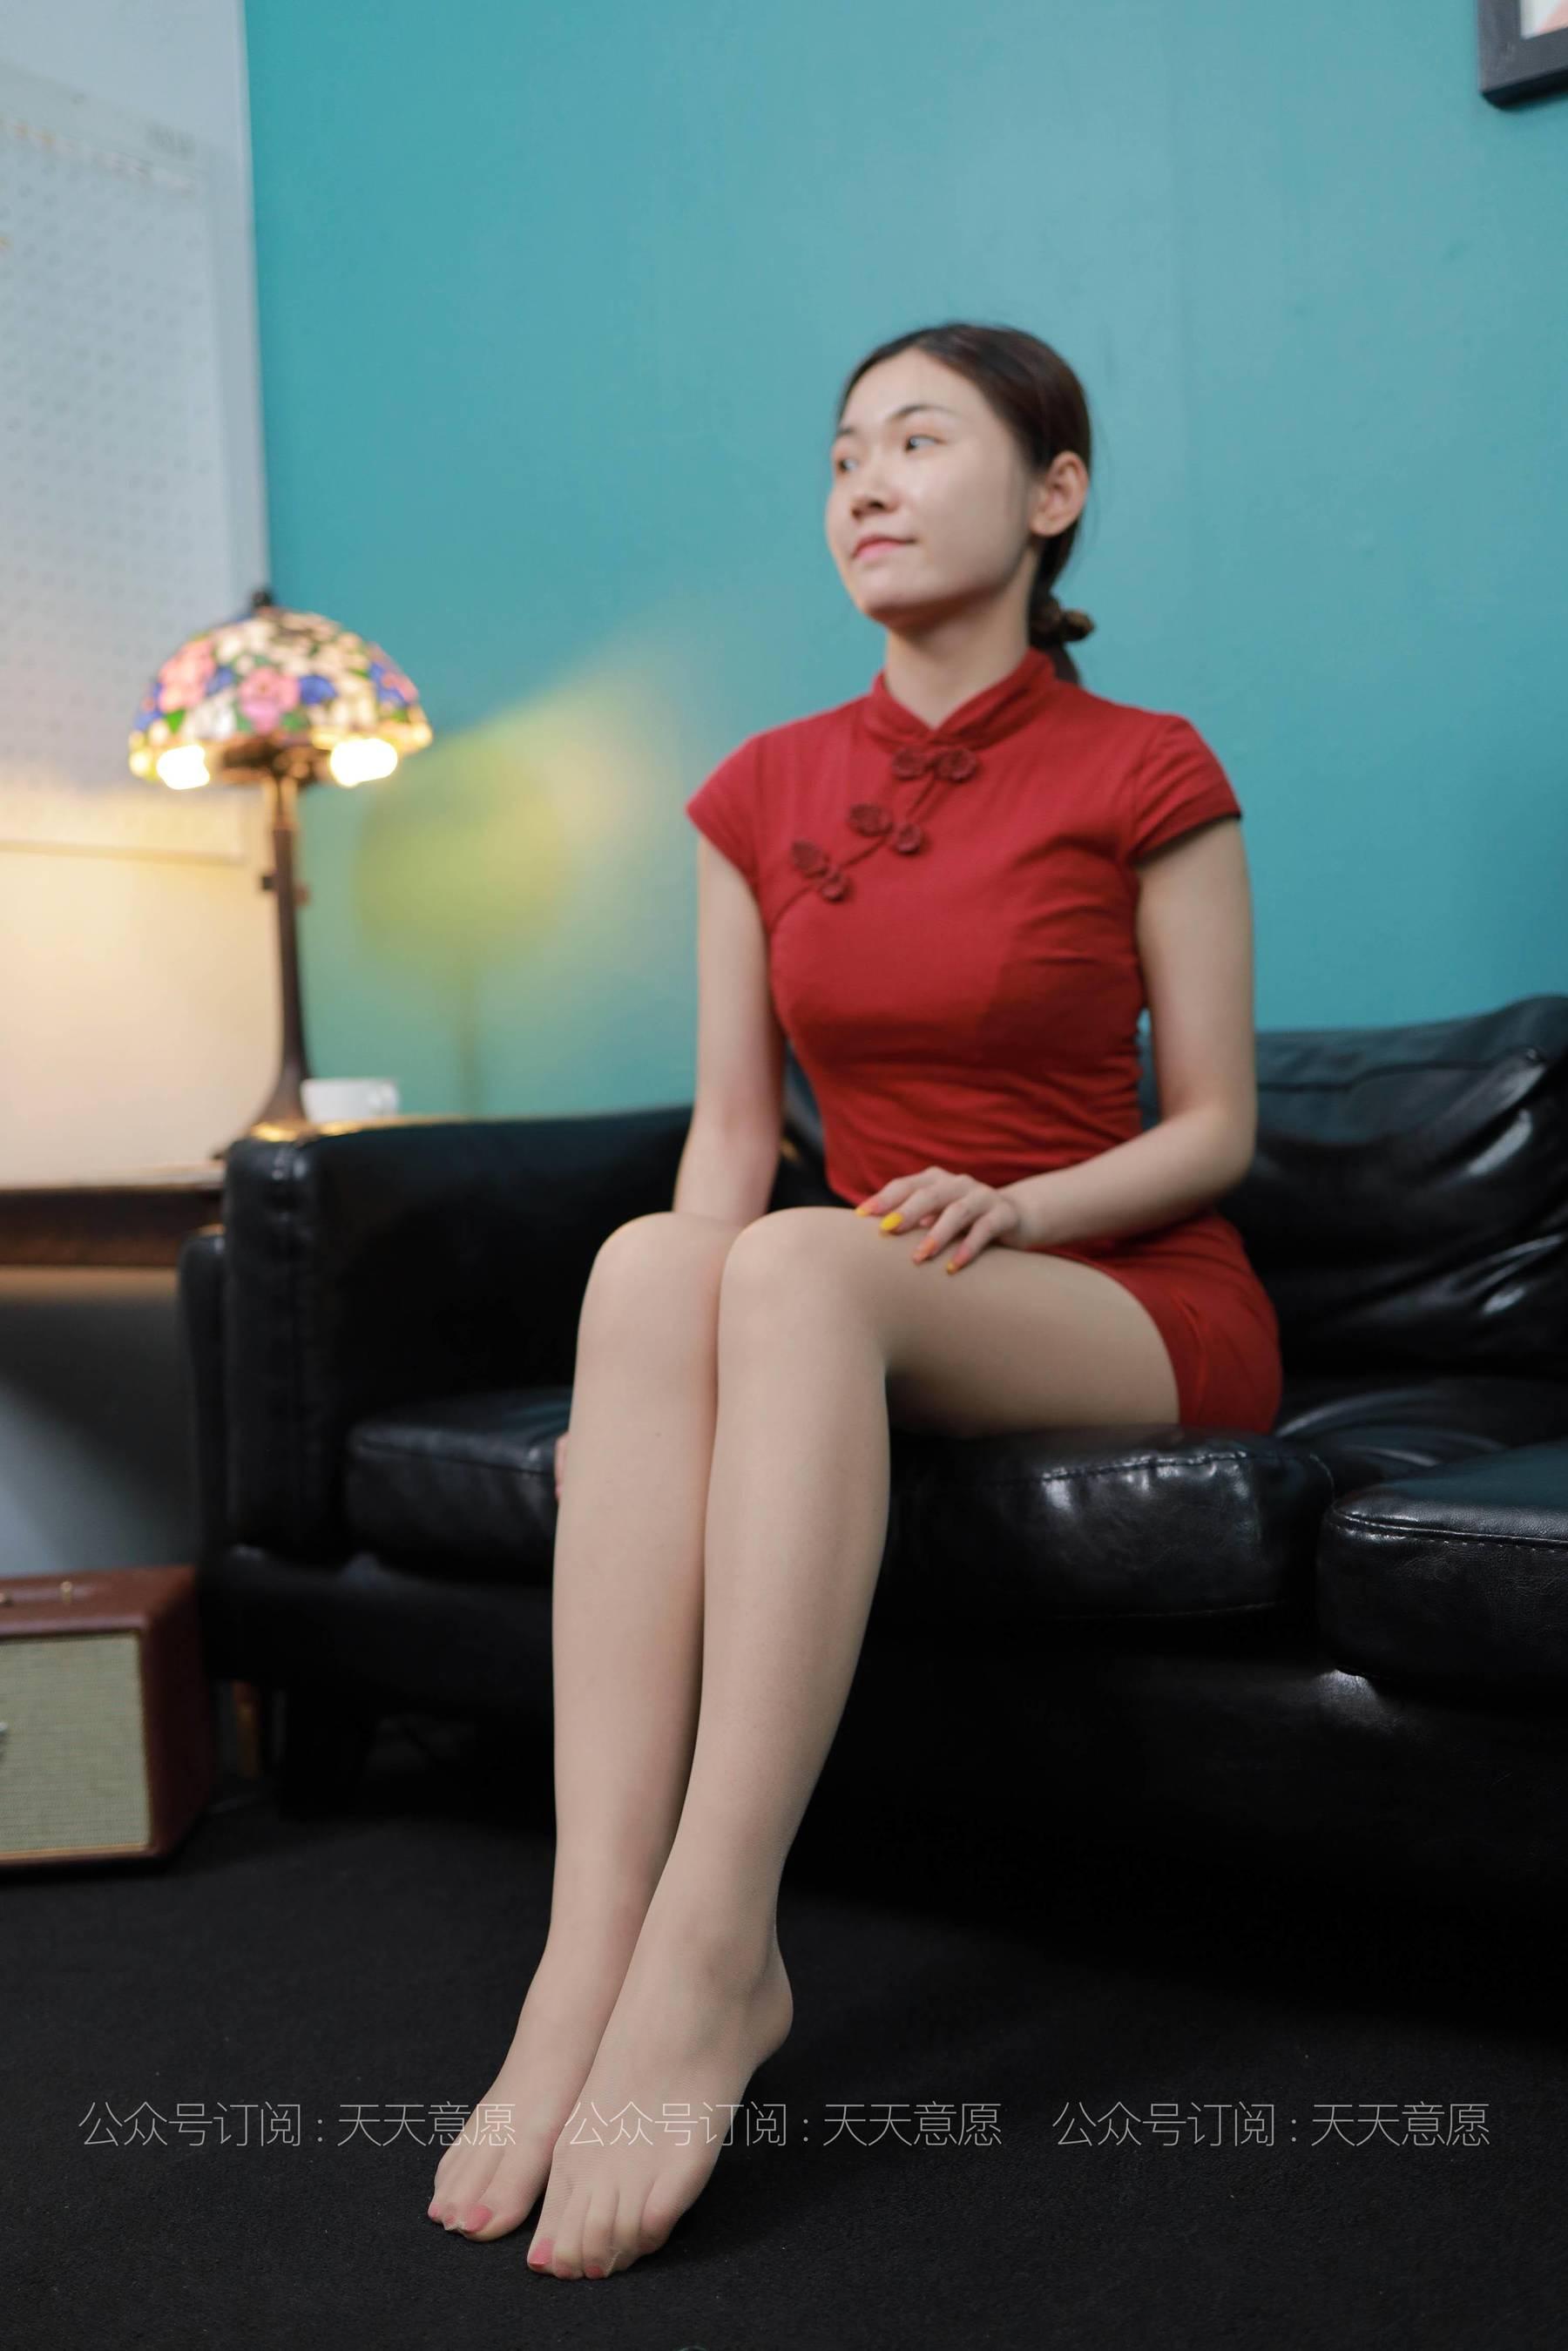 [IESS] 丝享家 769 可可《旗袍美佳人》 丝袜美腿写真[90P]插图(11)